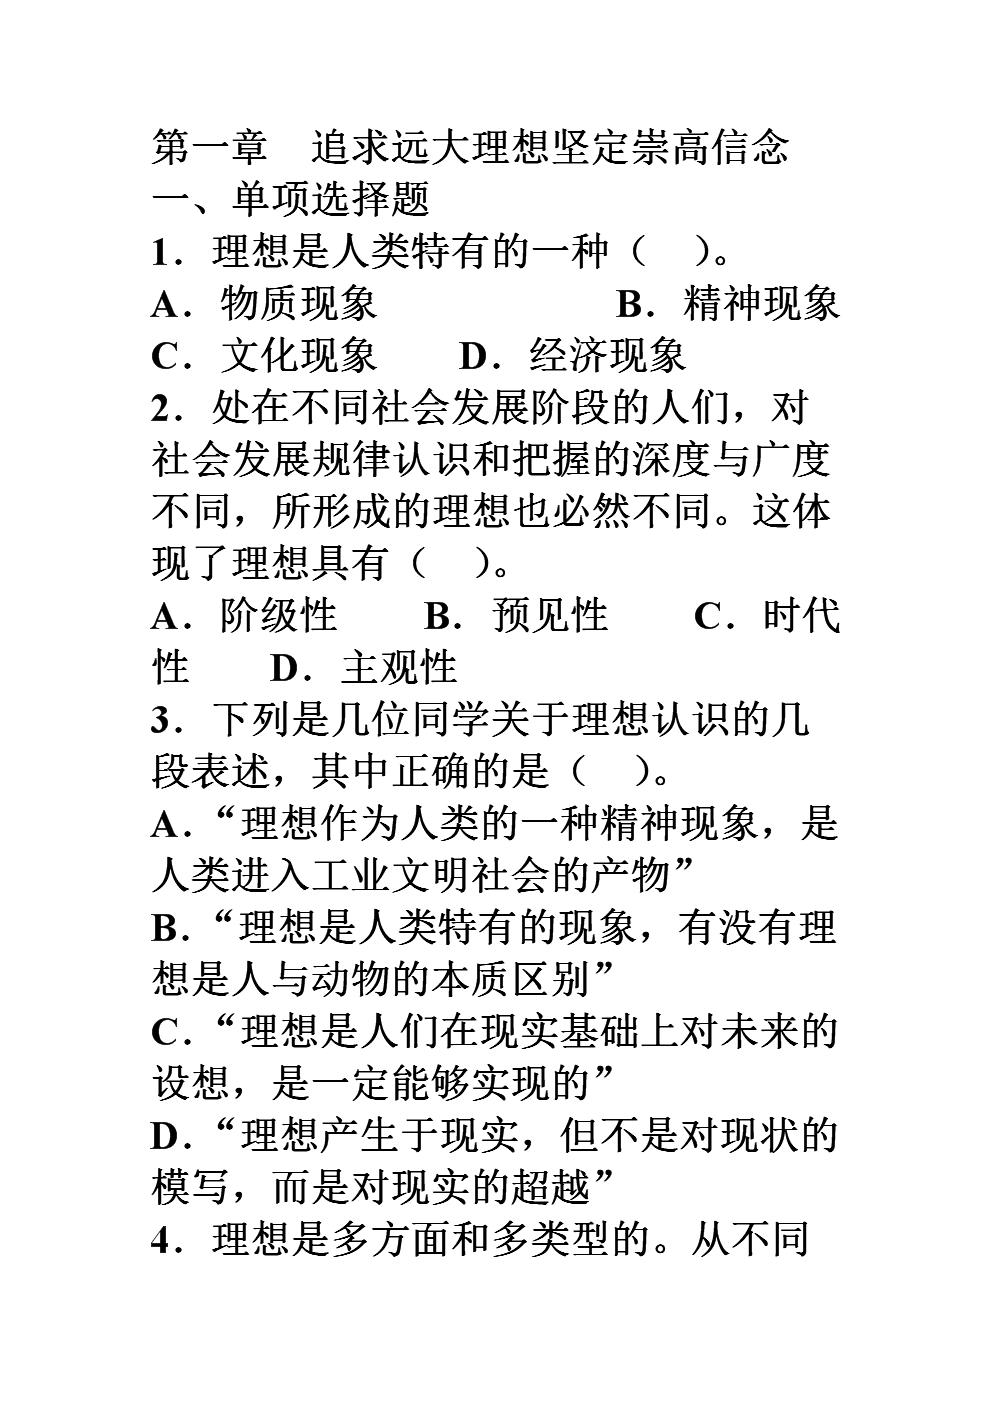 第一章追求远大理想坚定崇高信念….doc